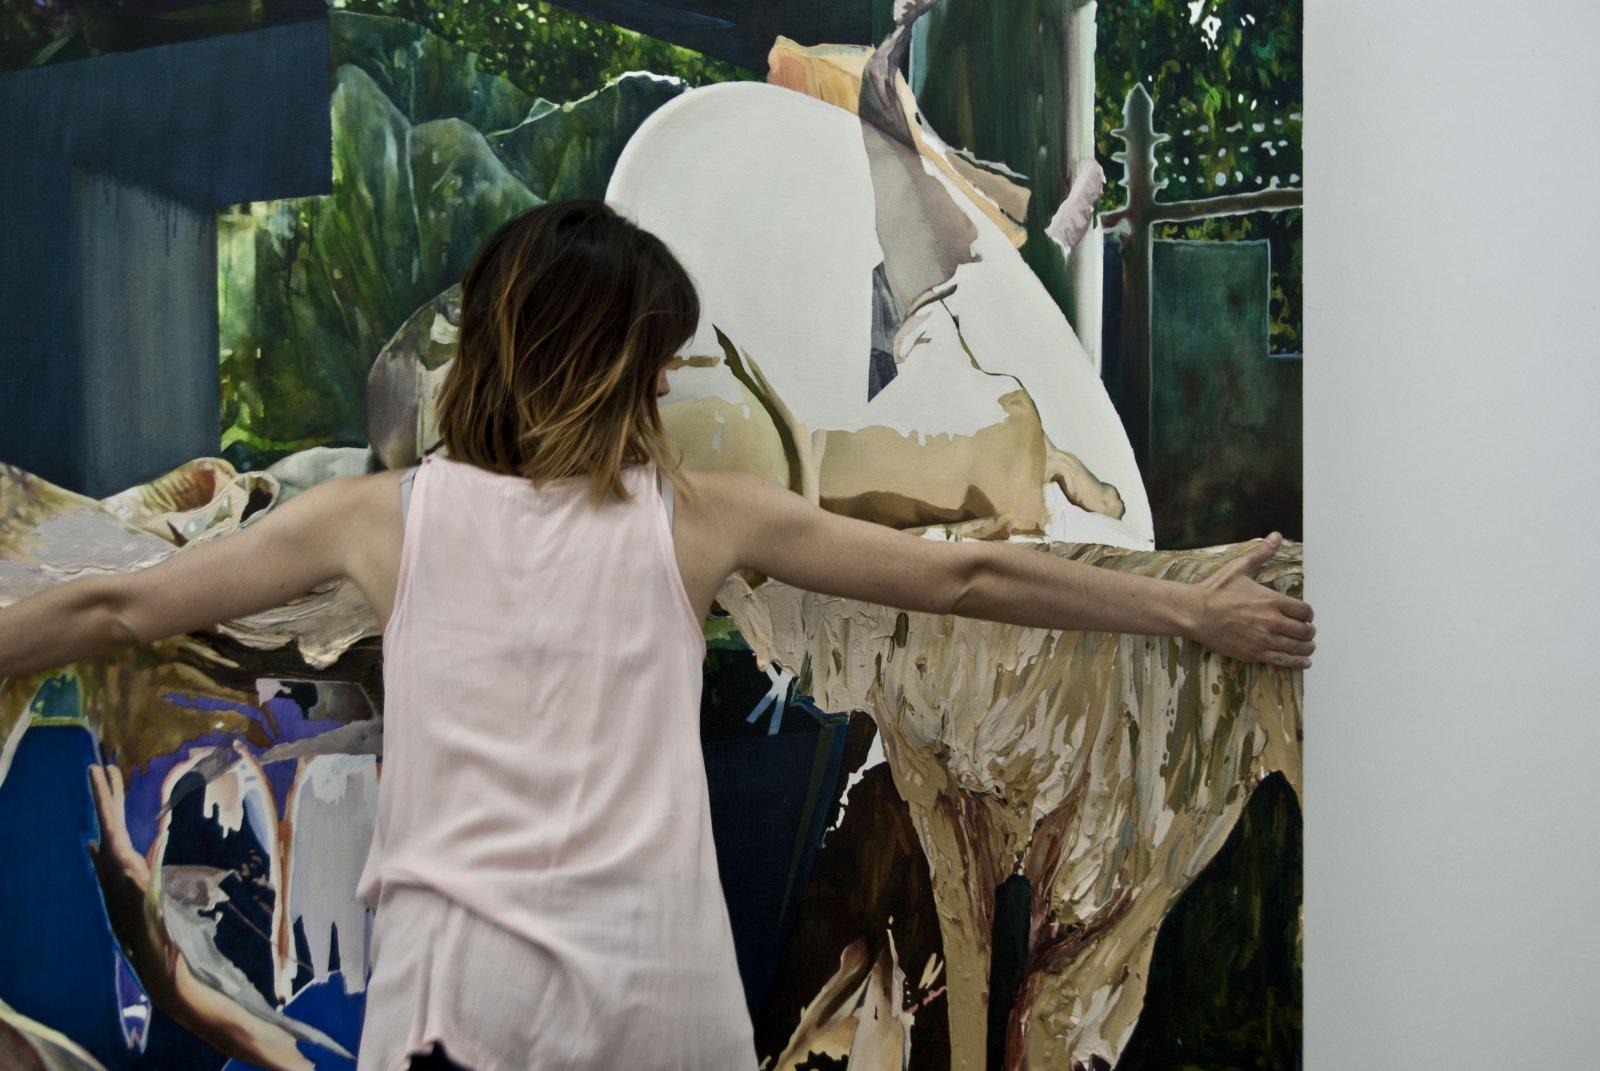 Nina Paszkowski preparando 'Entreacto' en Maisterra Valbuena